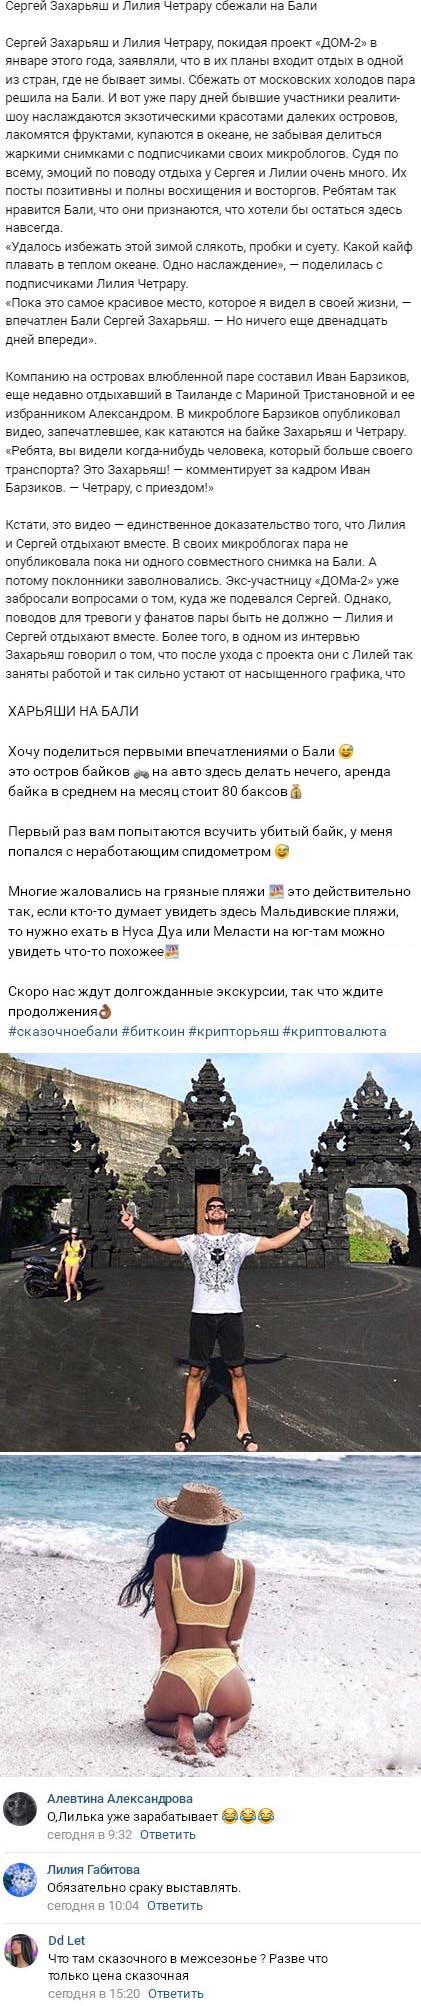 Нищие Лилия Четрару и Сергей Захарьяш отправились отдыхать на Бали